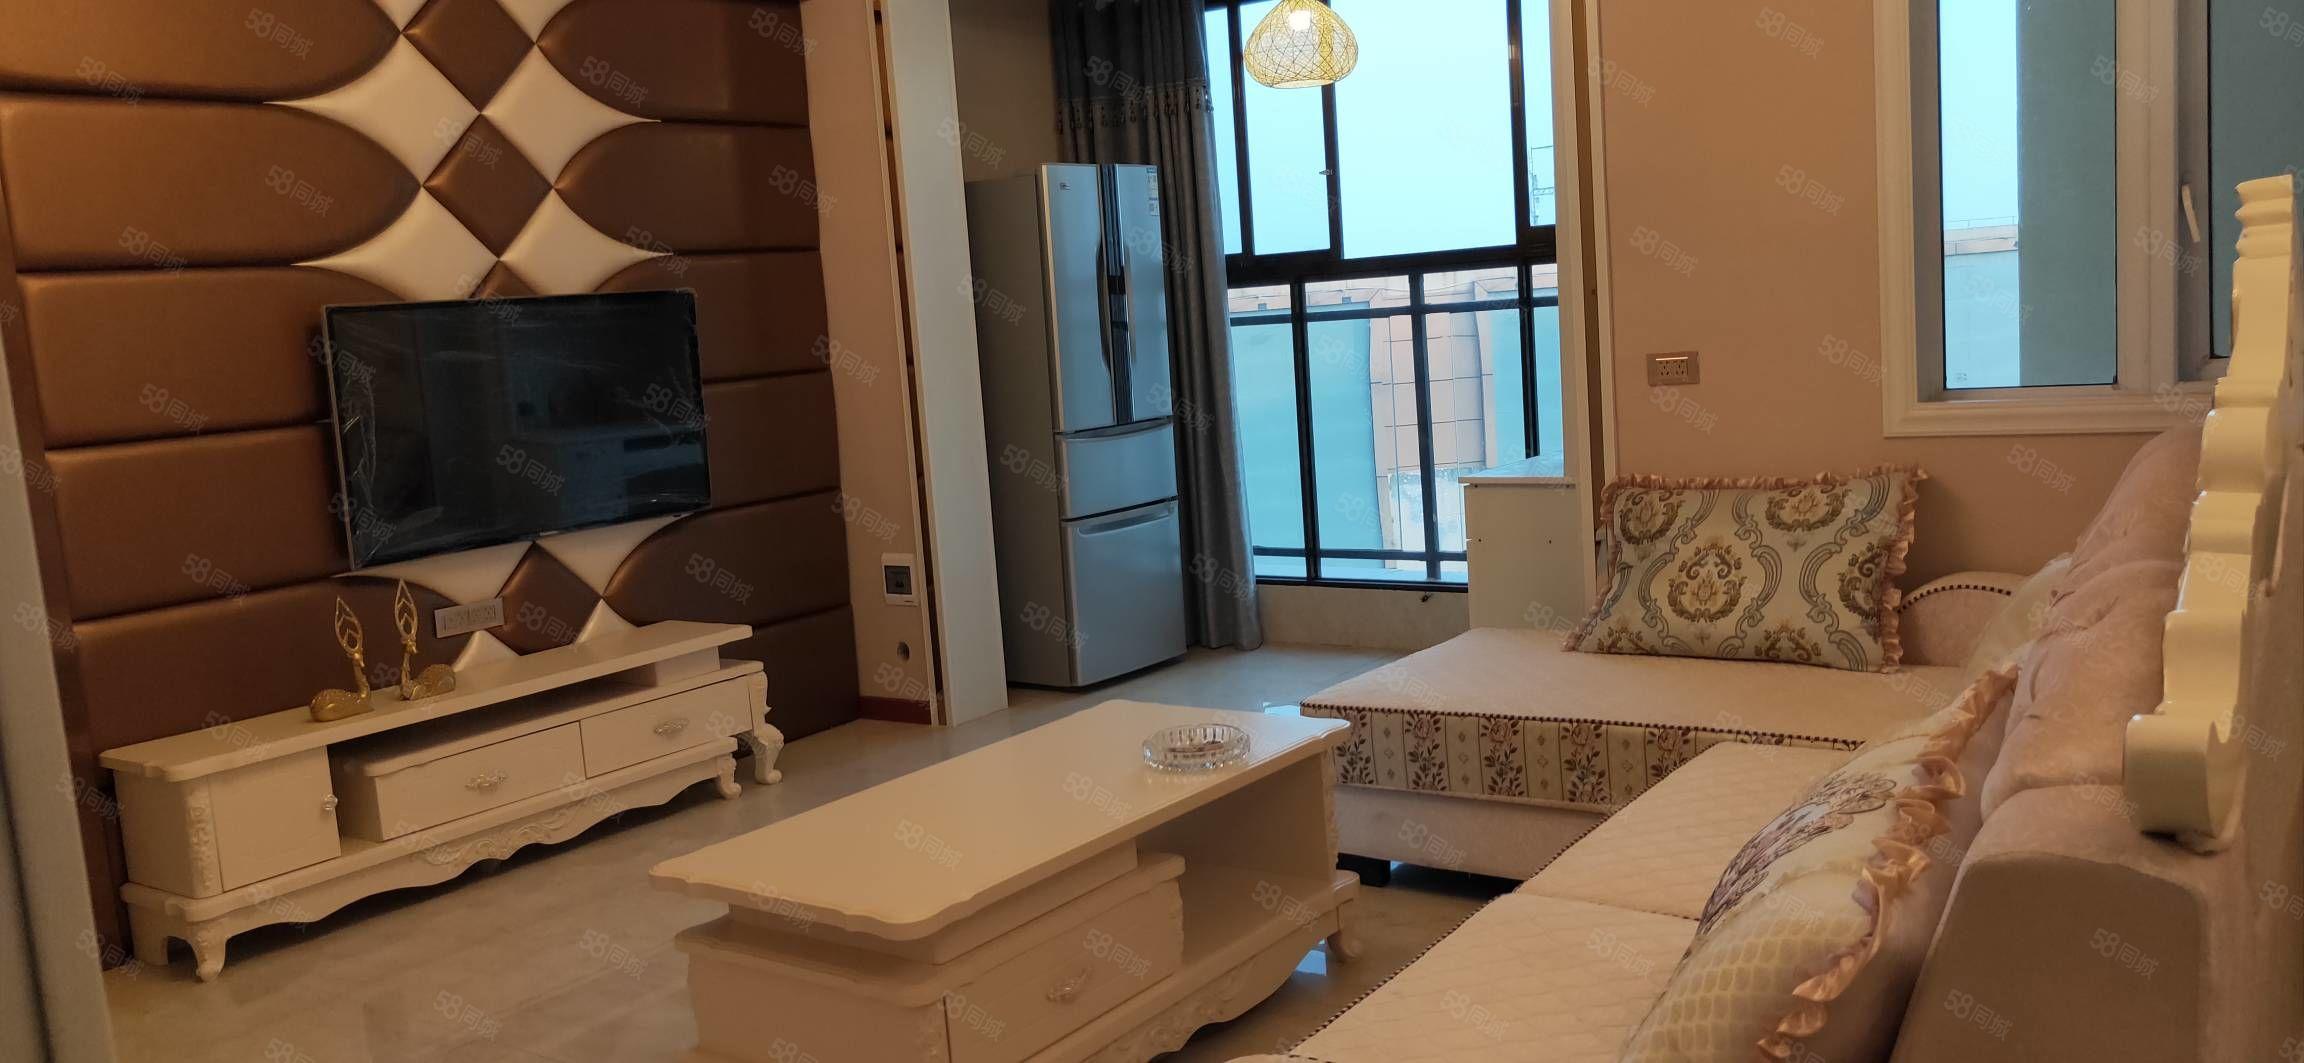 枣山中心车站附近精装修3室2厅2卫,急售59.8万